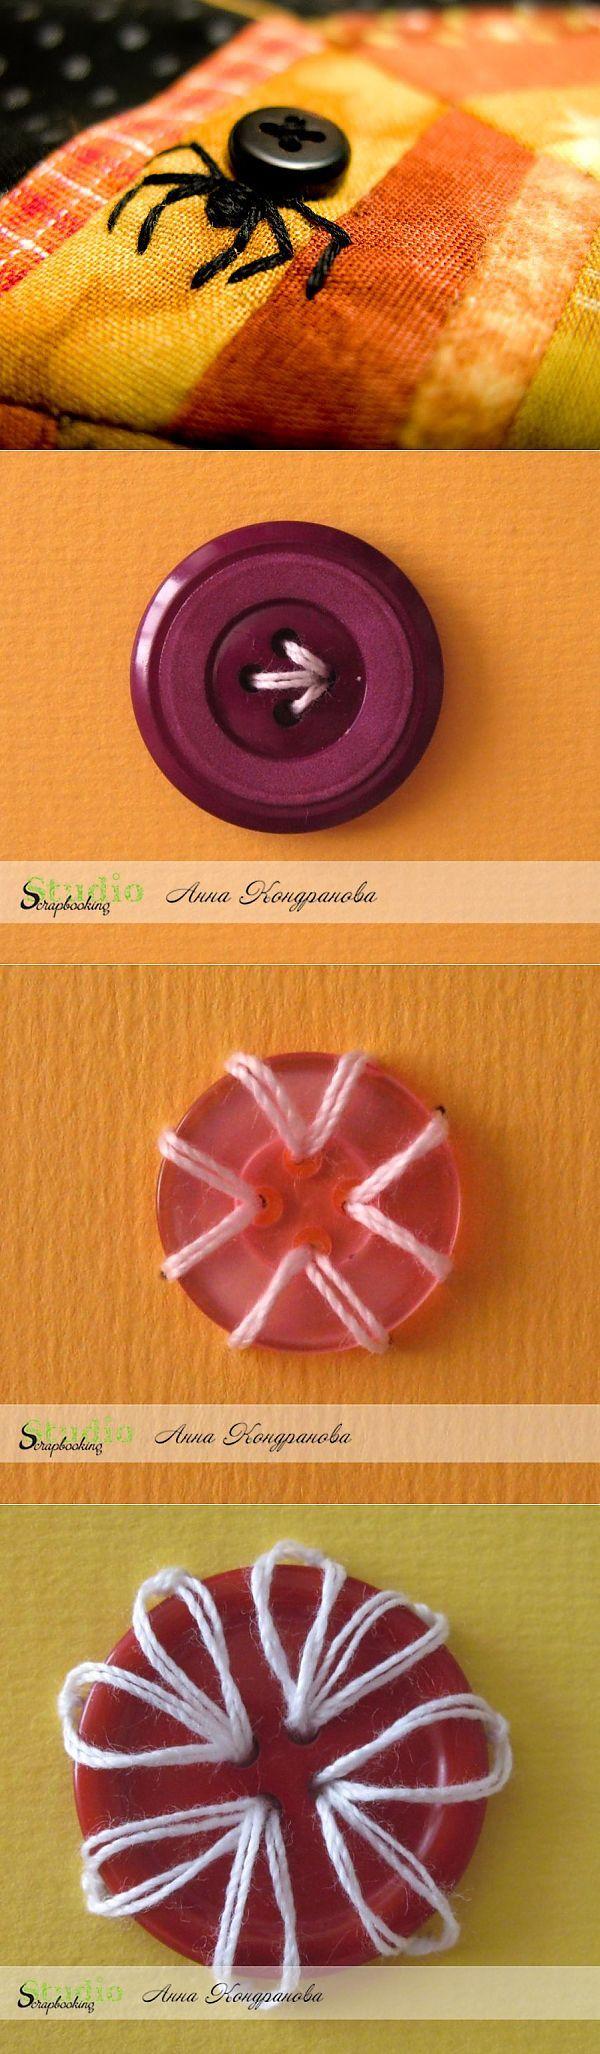 Las nuevas ideas de costura creativa en los botones